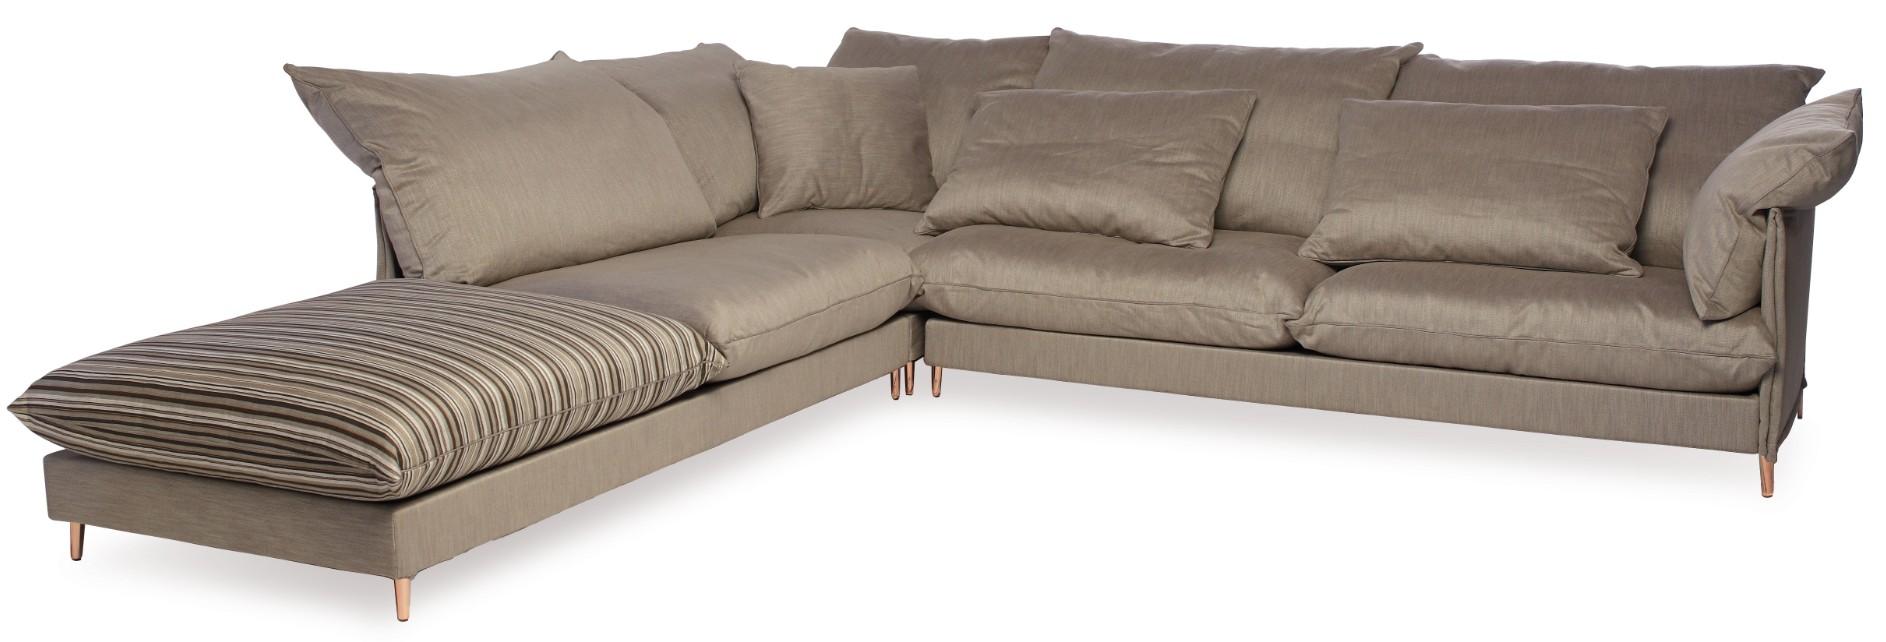 tango-divano-componibile